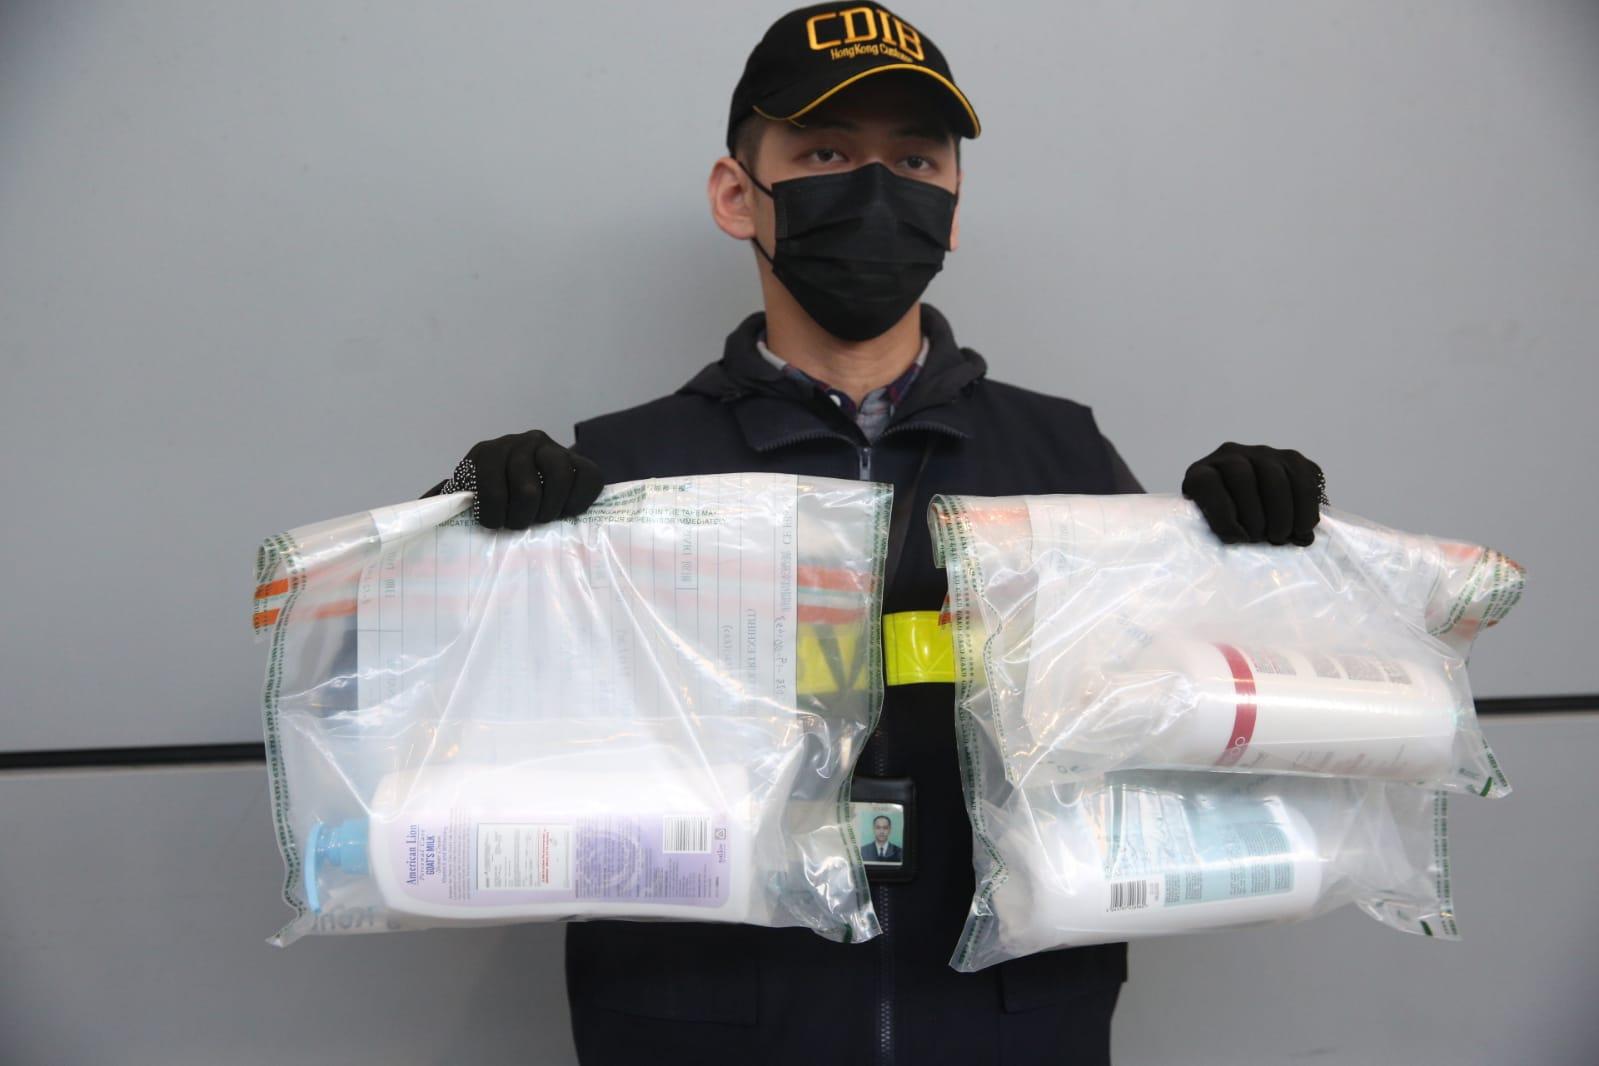 3樽洗澡用品藏4.2公斤液态可卡因 金边入境21岁男机场被捕